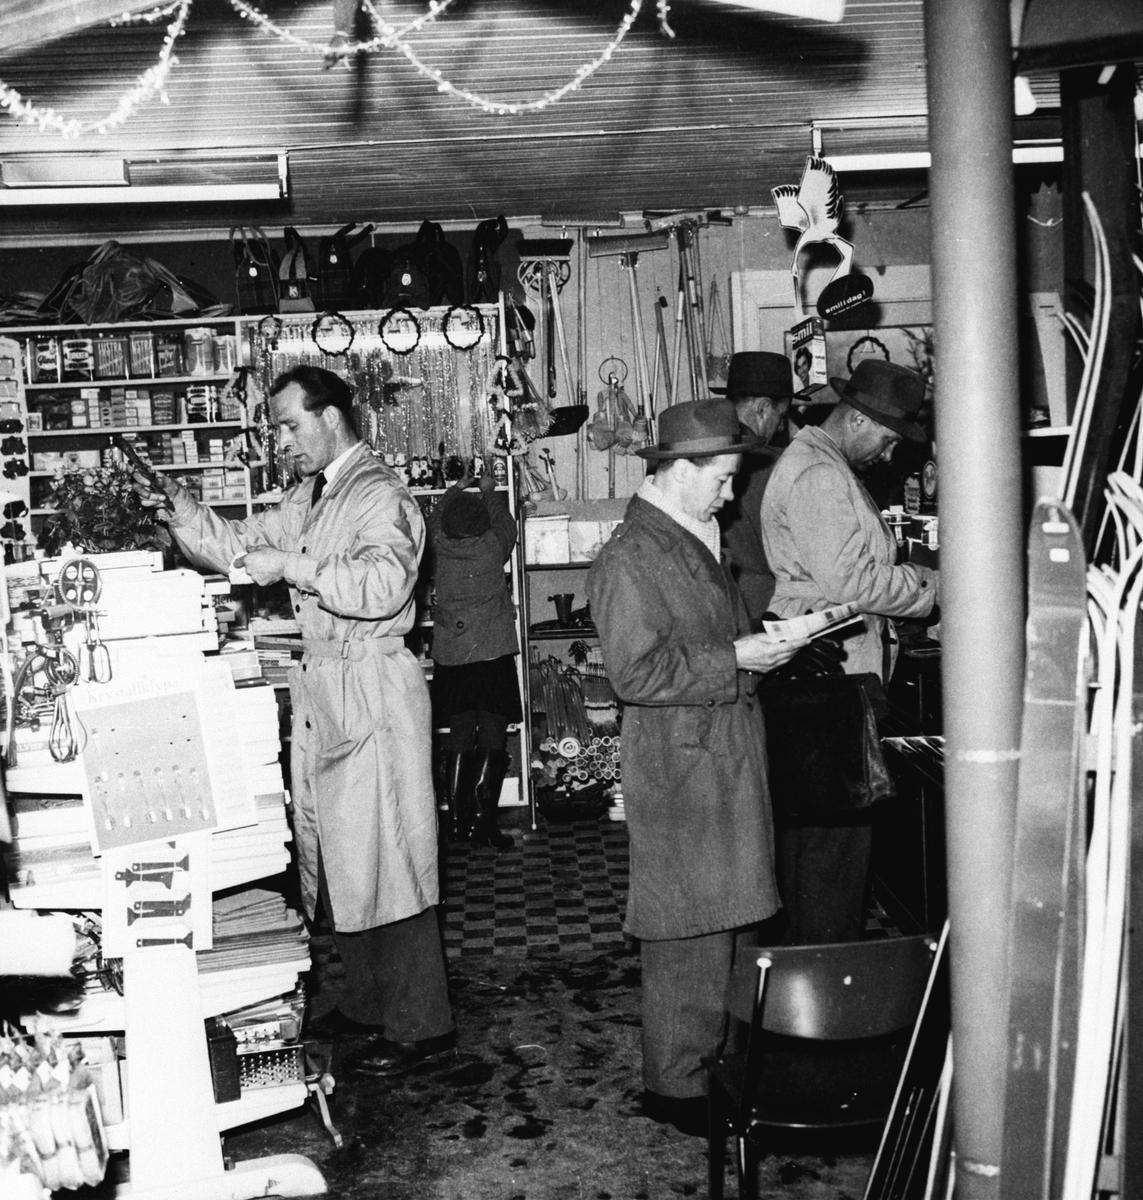 Kolbotn jernvare og farge i det gamle huset. Interiør, ansatte og kunder blant vareutvalget.